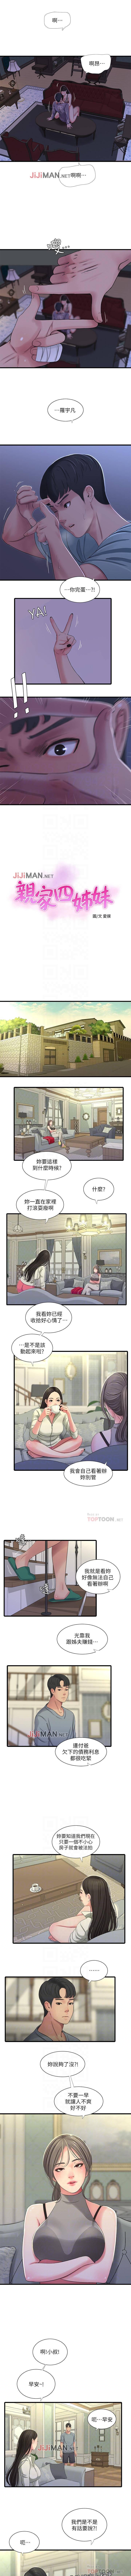 【周四连载】亲家四姐妹(作者:愛摸) 第1~37话 179